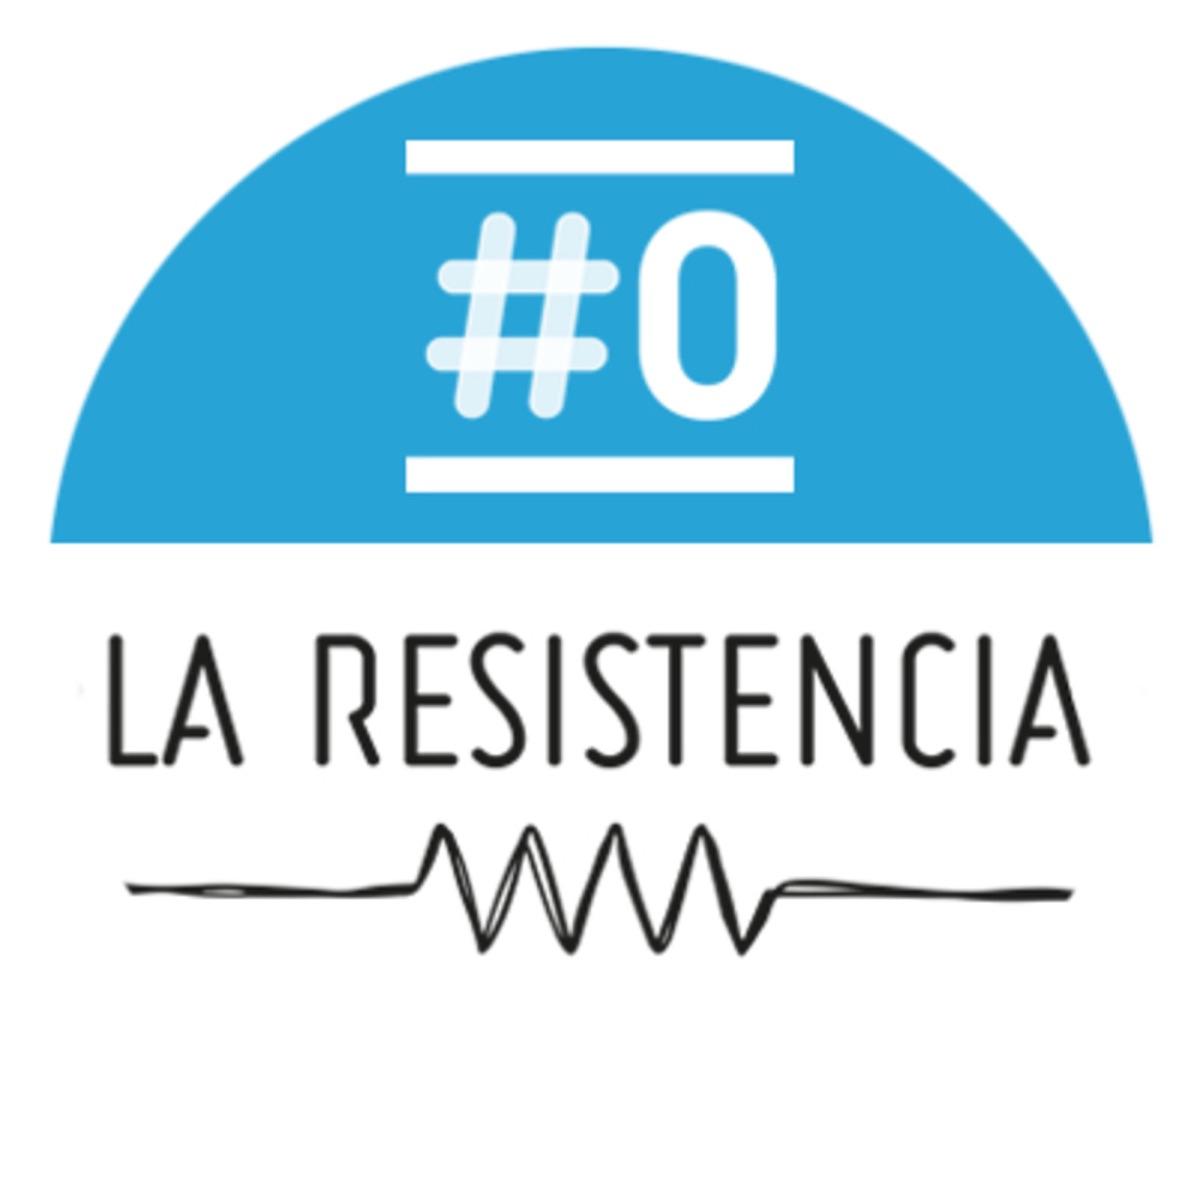 LA RESISTENCIA de David Broncano